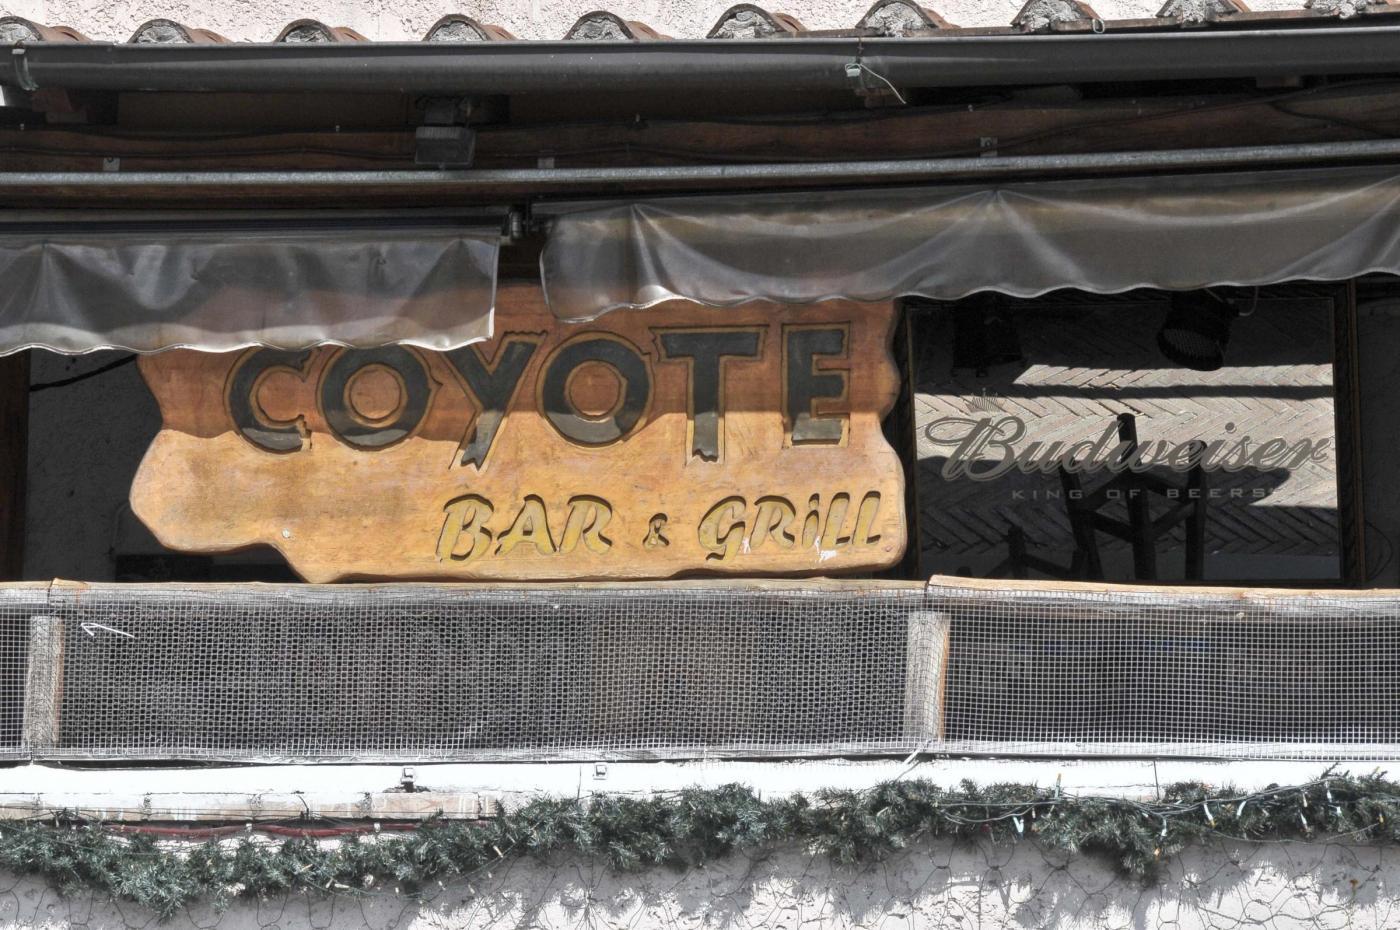 La ragazza morta alla discoteca coyote di testaccio - La ragazza alla finestra dali ...